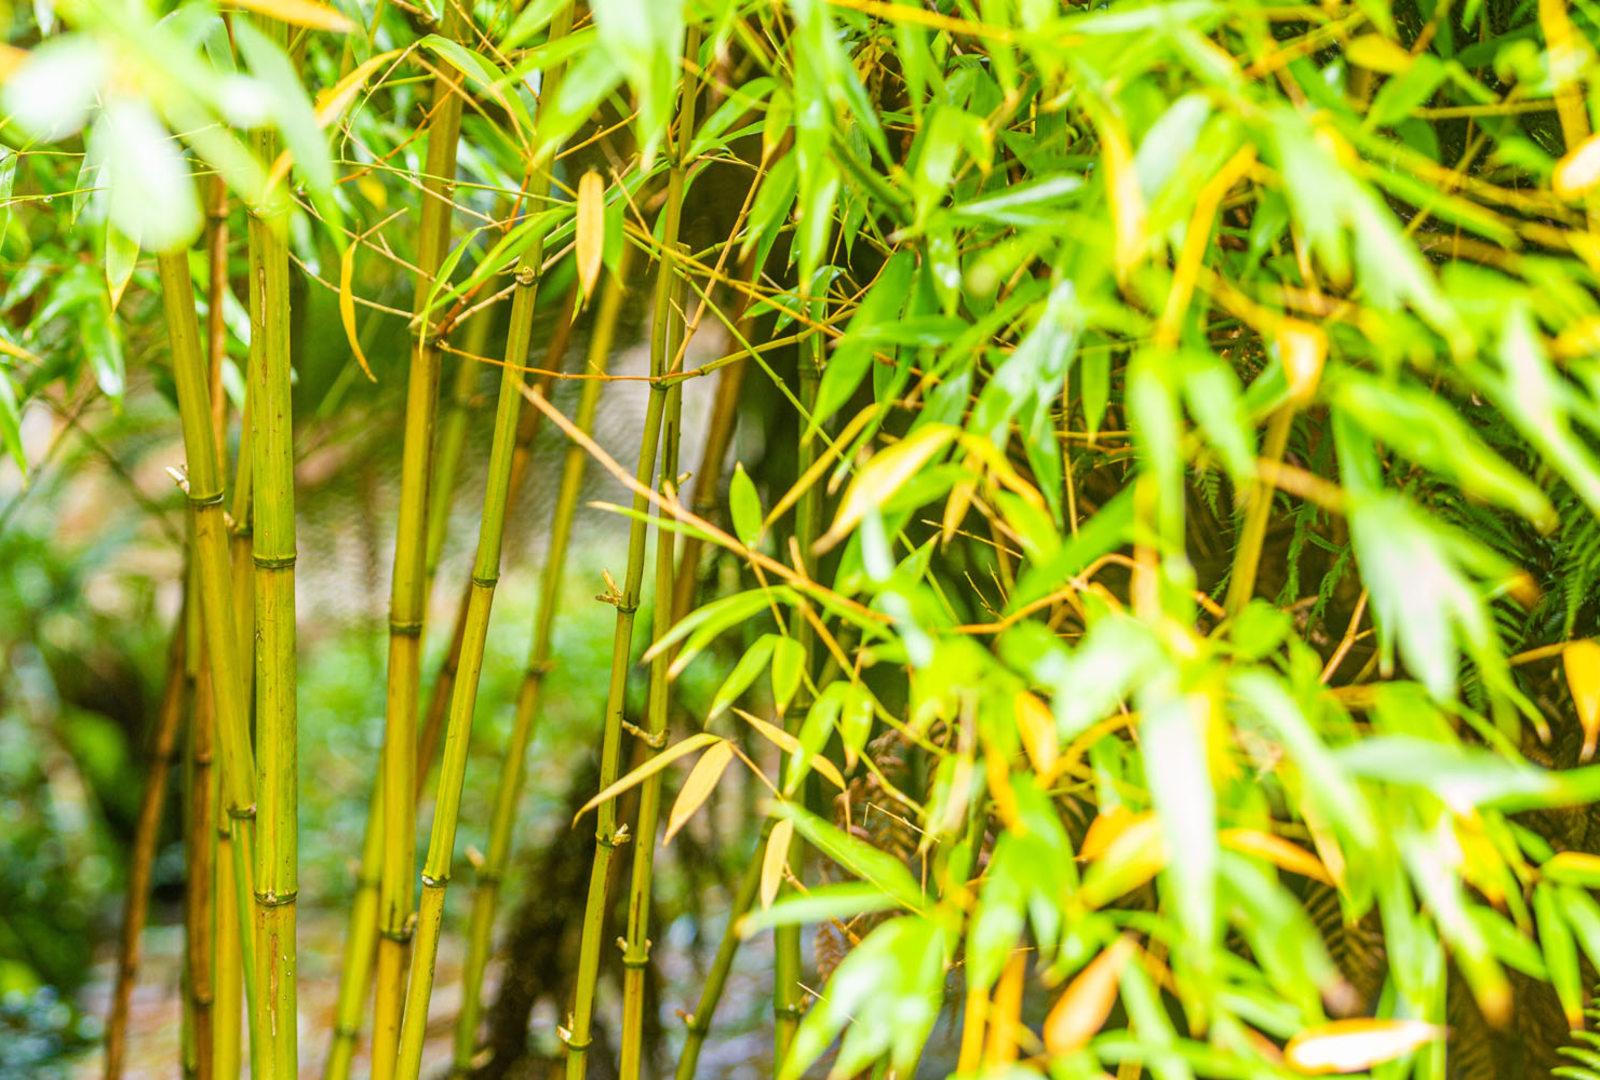 Phyllostachys bambusoides 'Violascens' bamboo at trebah